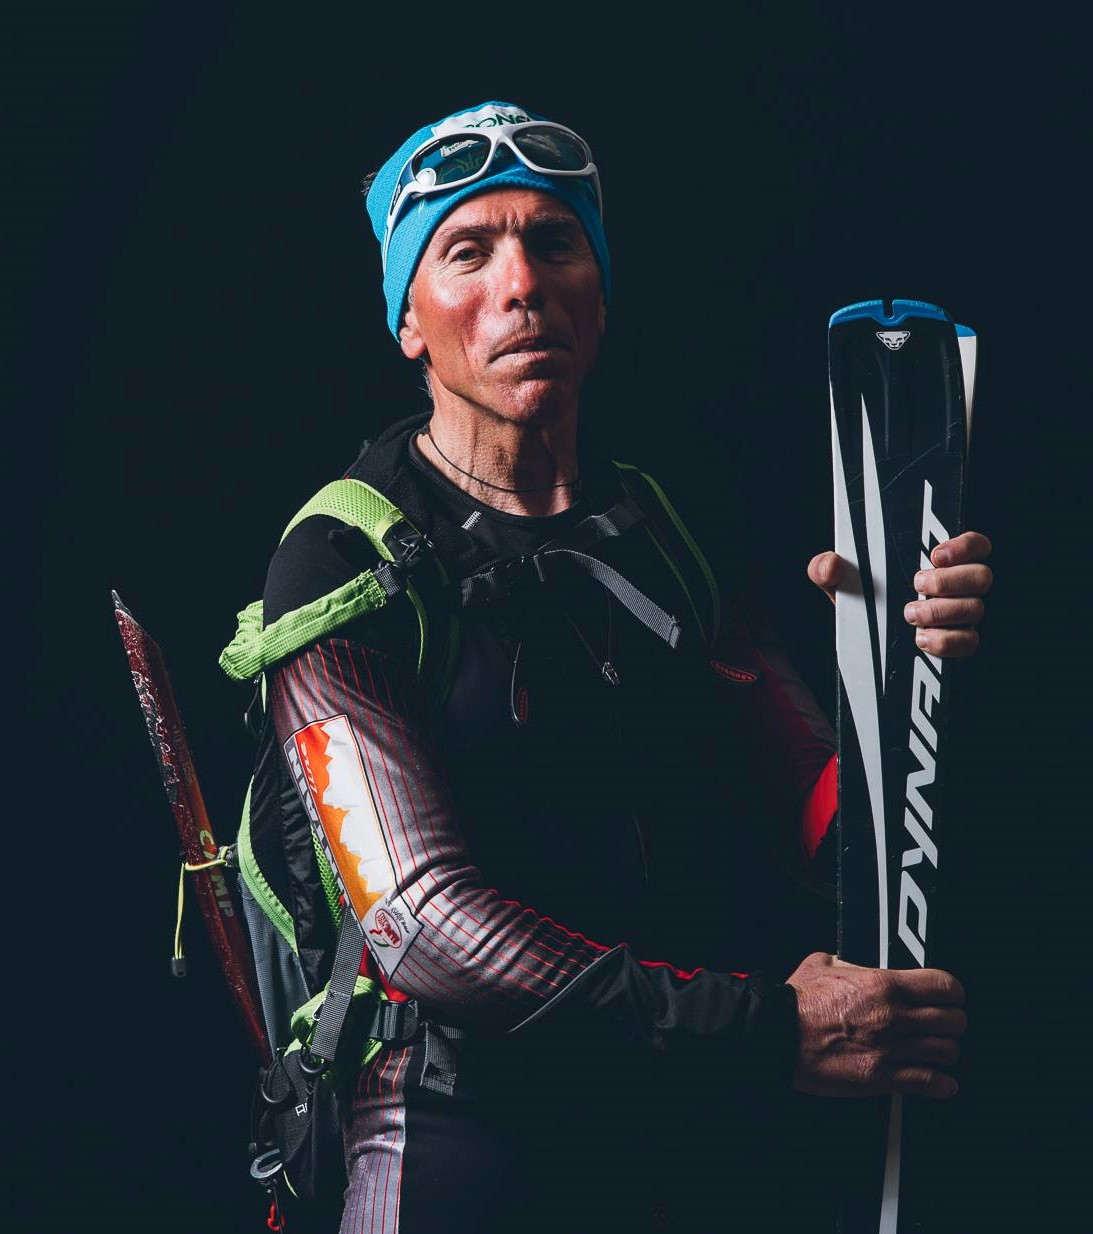 scialpinista indossa occhiali per scialpinismo con lenti fotocromatiche